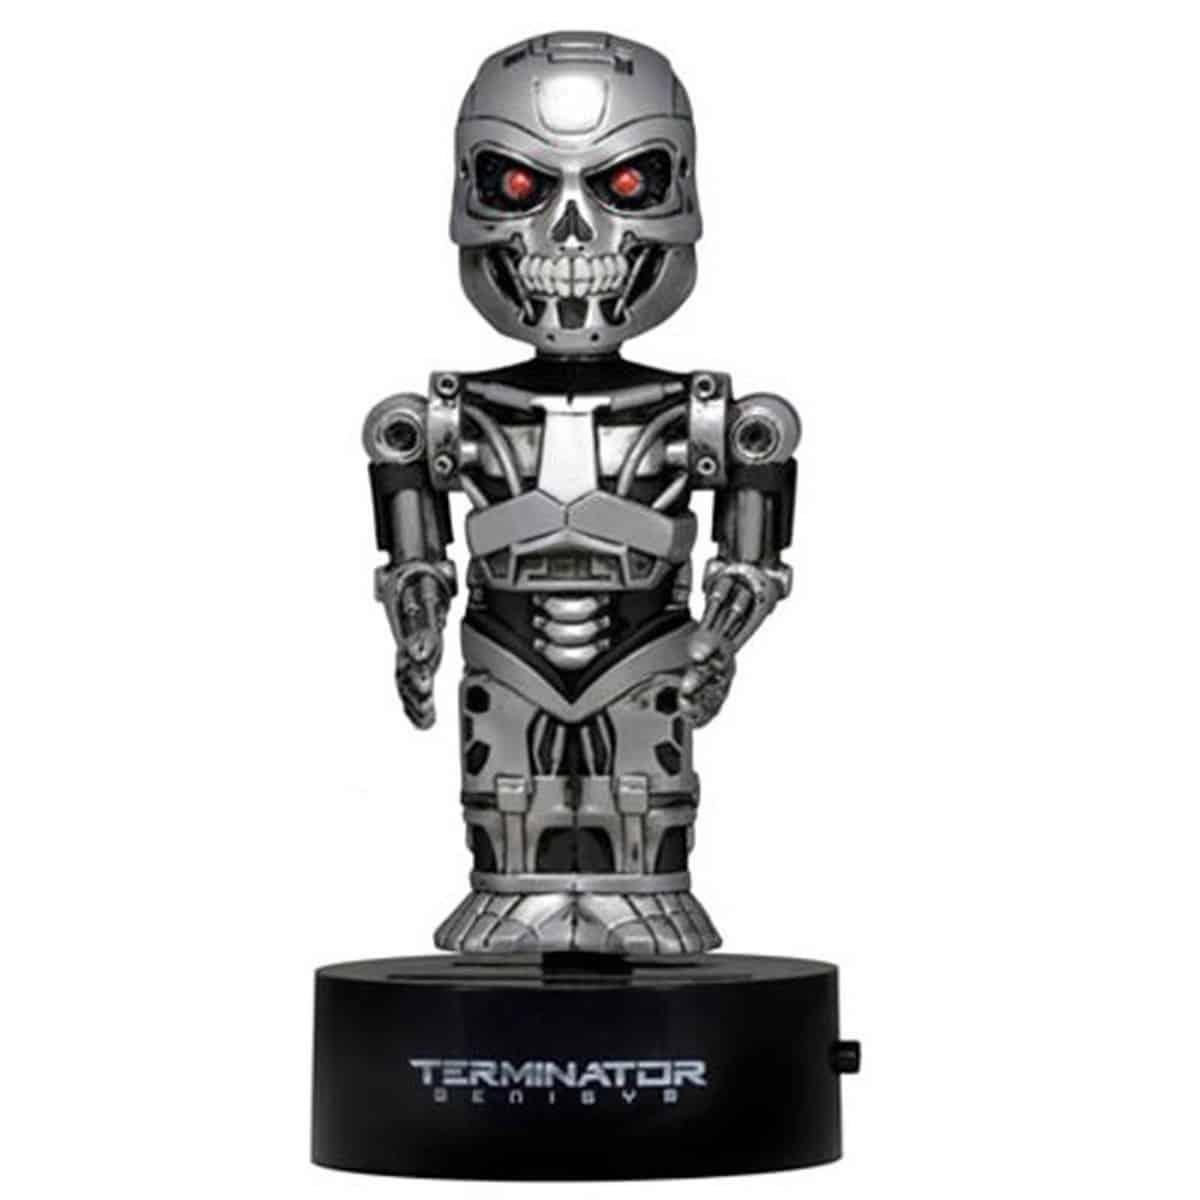 Terminator: Endoskeleton Body Knocker